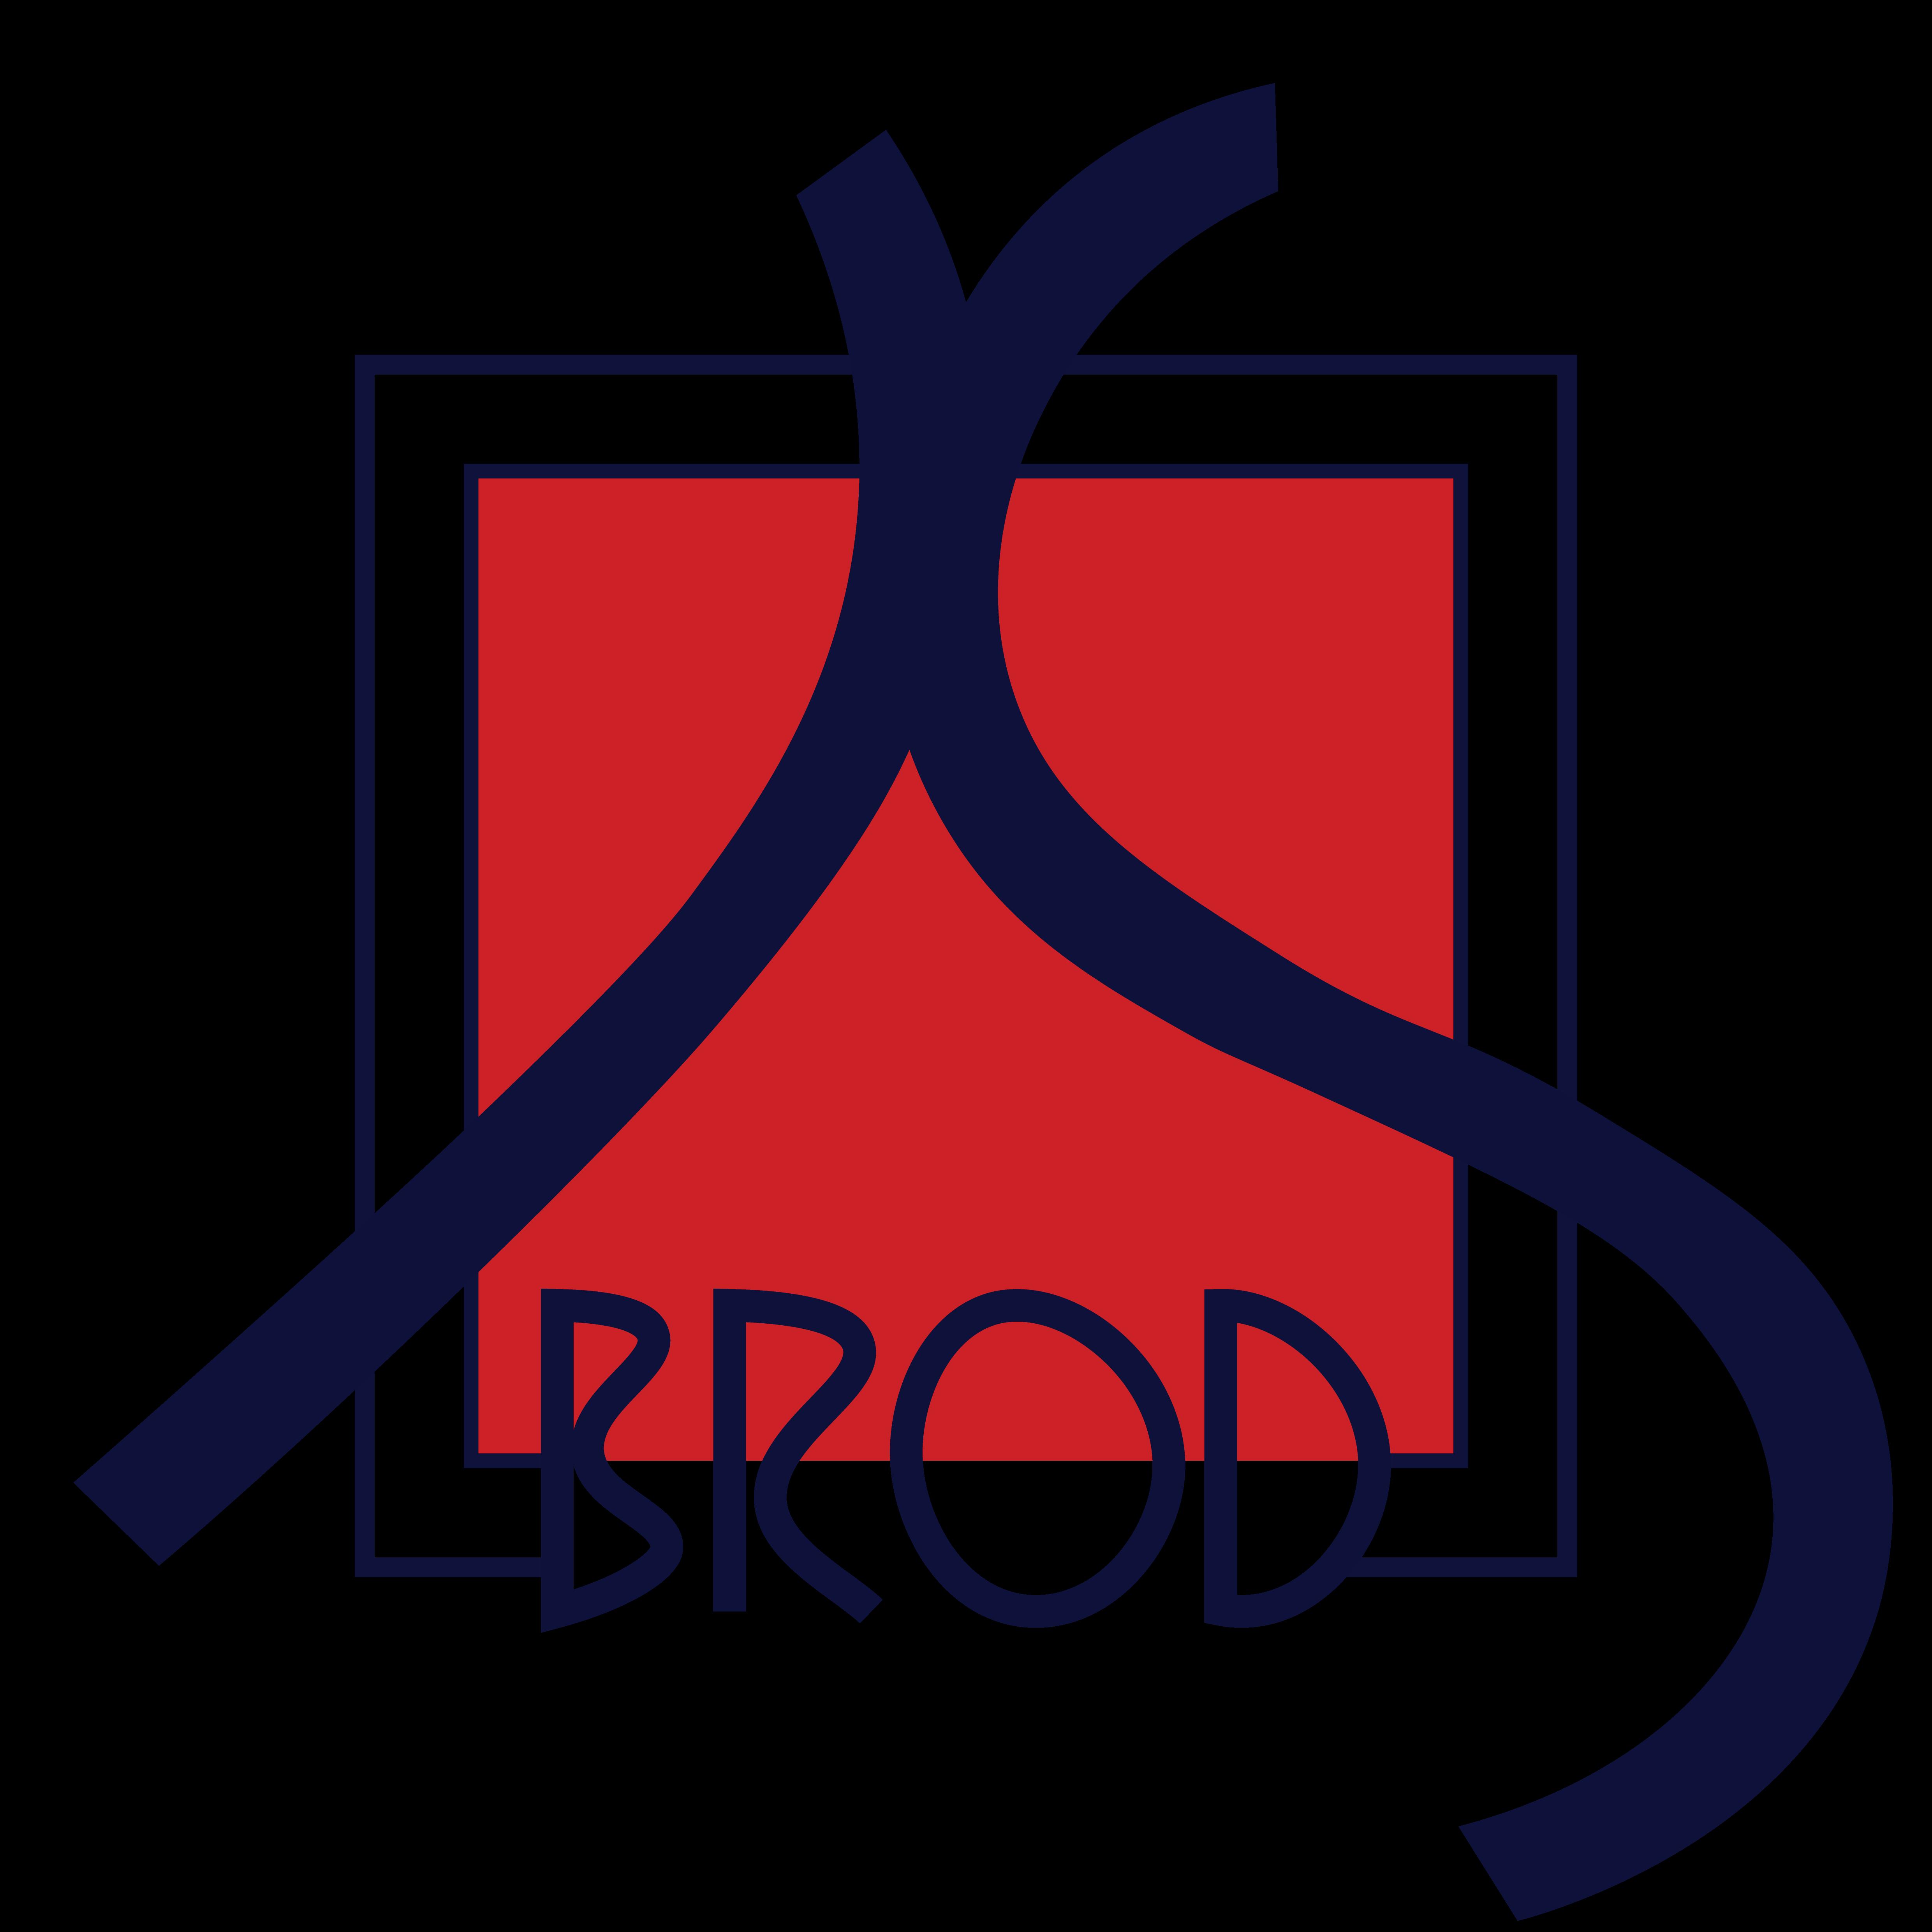 J|S Brod